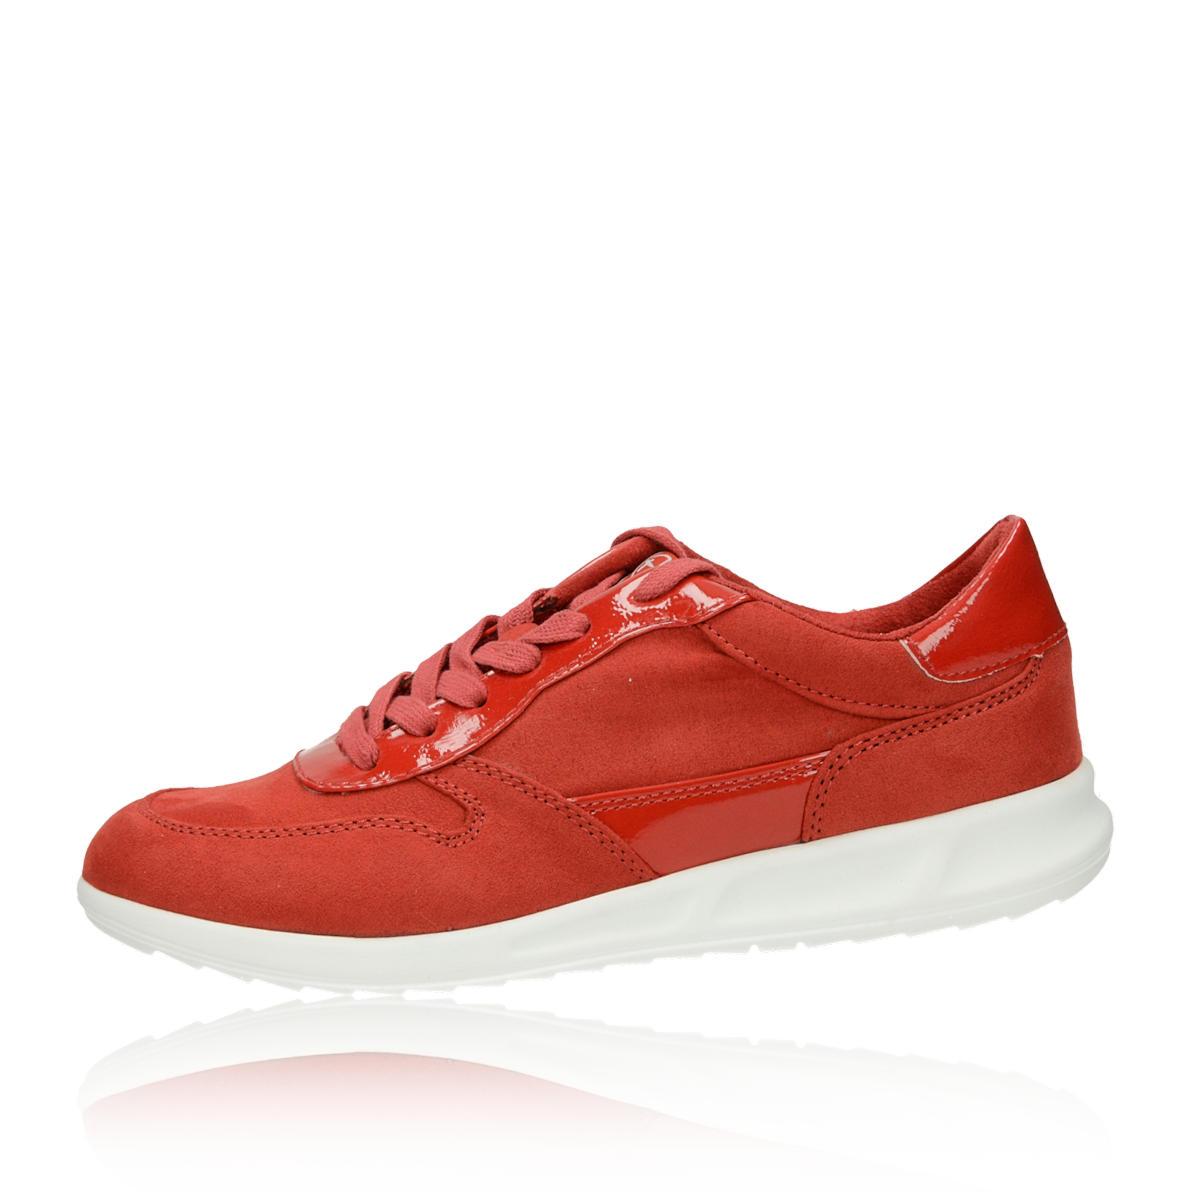 4c6b5a5cb600e Tamaris dámske pohodlné tenisky - červené Tamaris dámske pohodlné tenisky -  červené ...